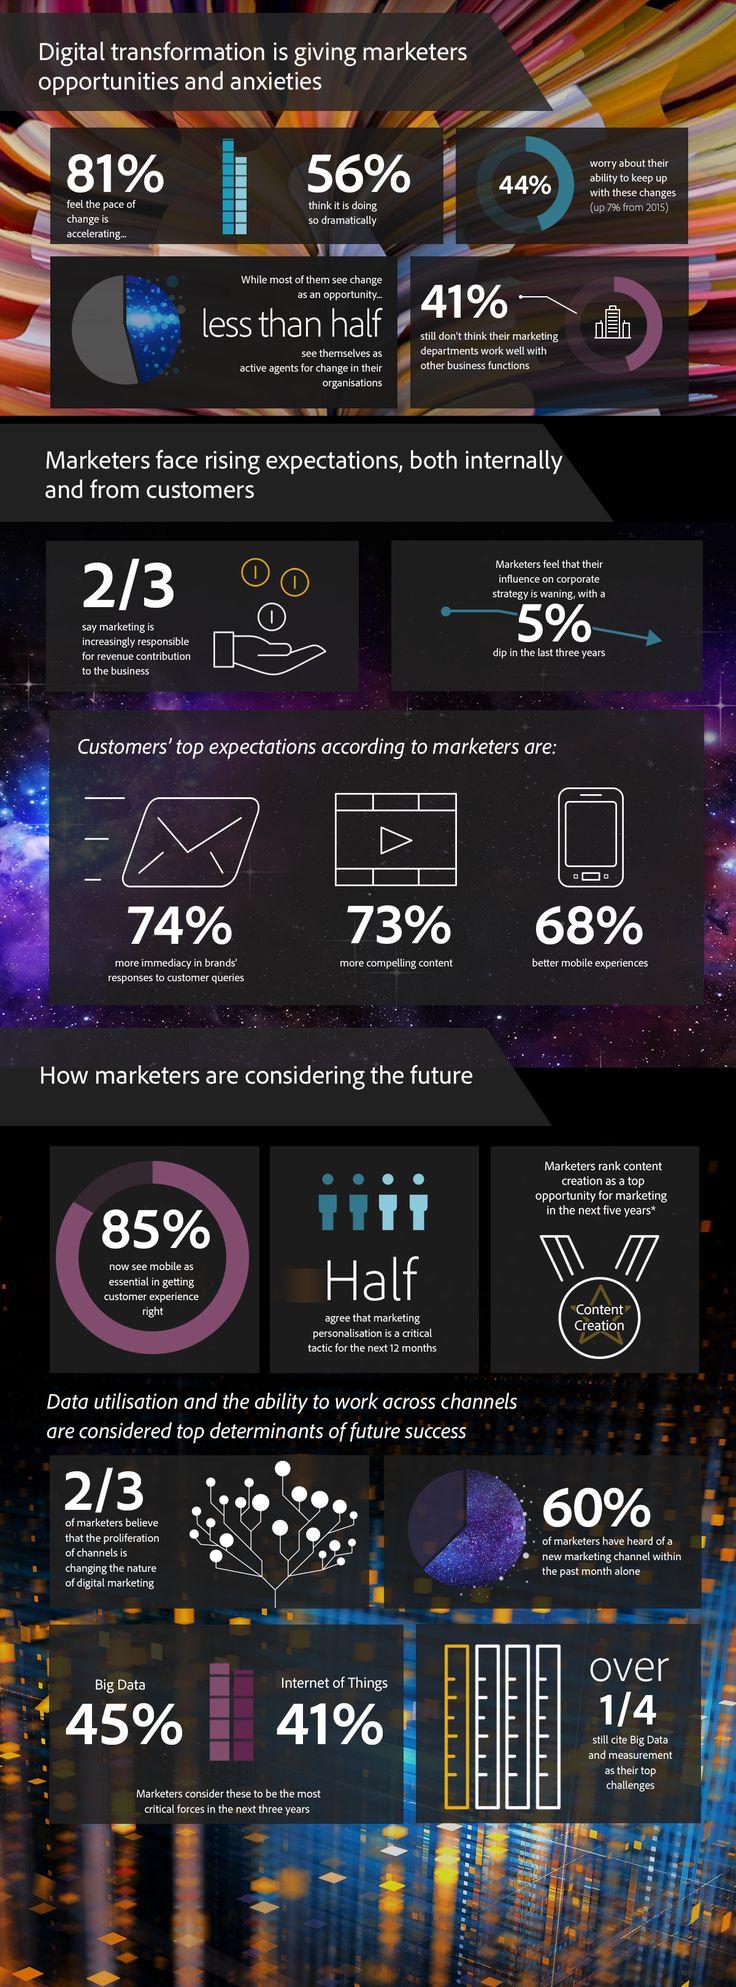 http://www.offremedia.com/infographie-adobe-44-des-professionnels-du-marketing-doutent-de-leur-capacite-suivre-le-rythme-de-la